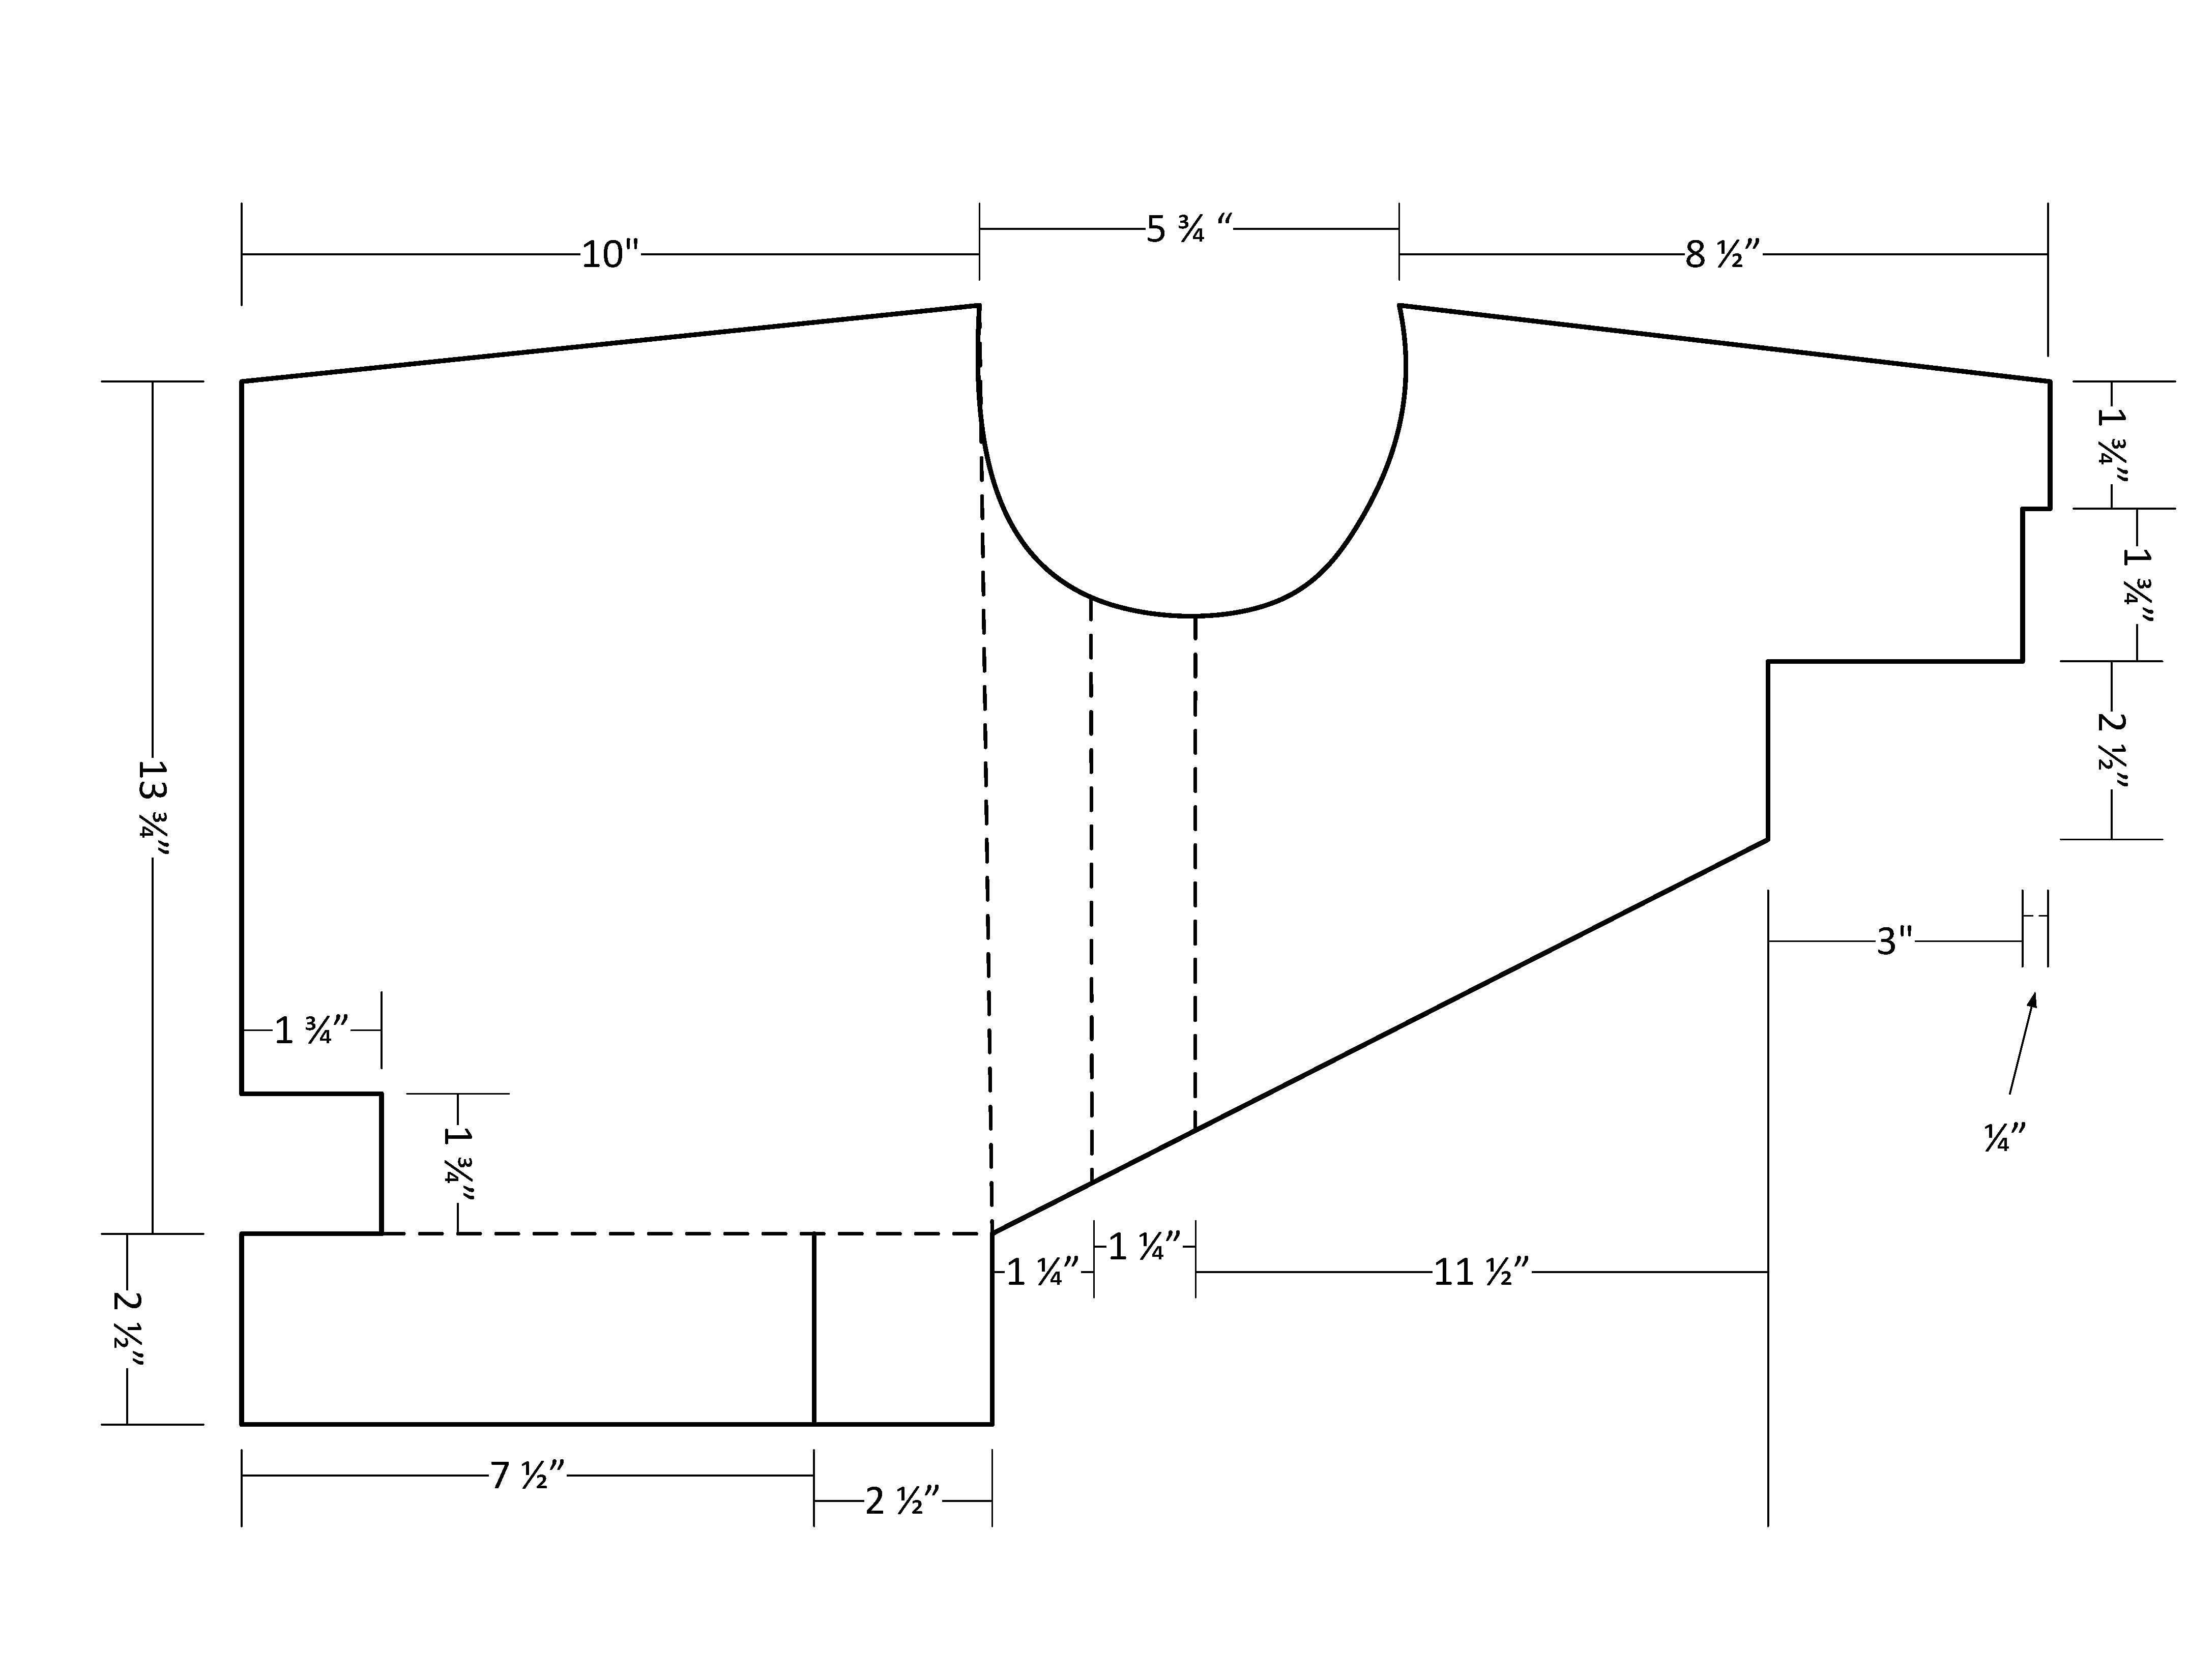 cai-dimensions.jpg